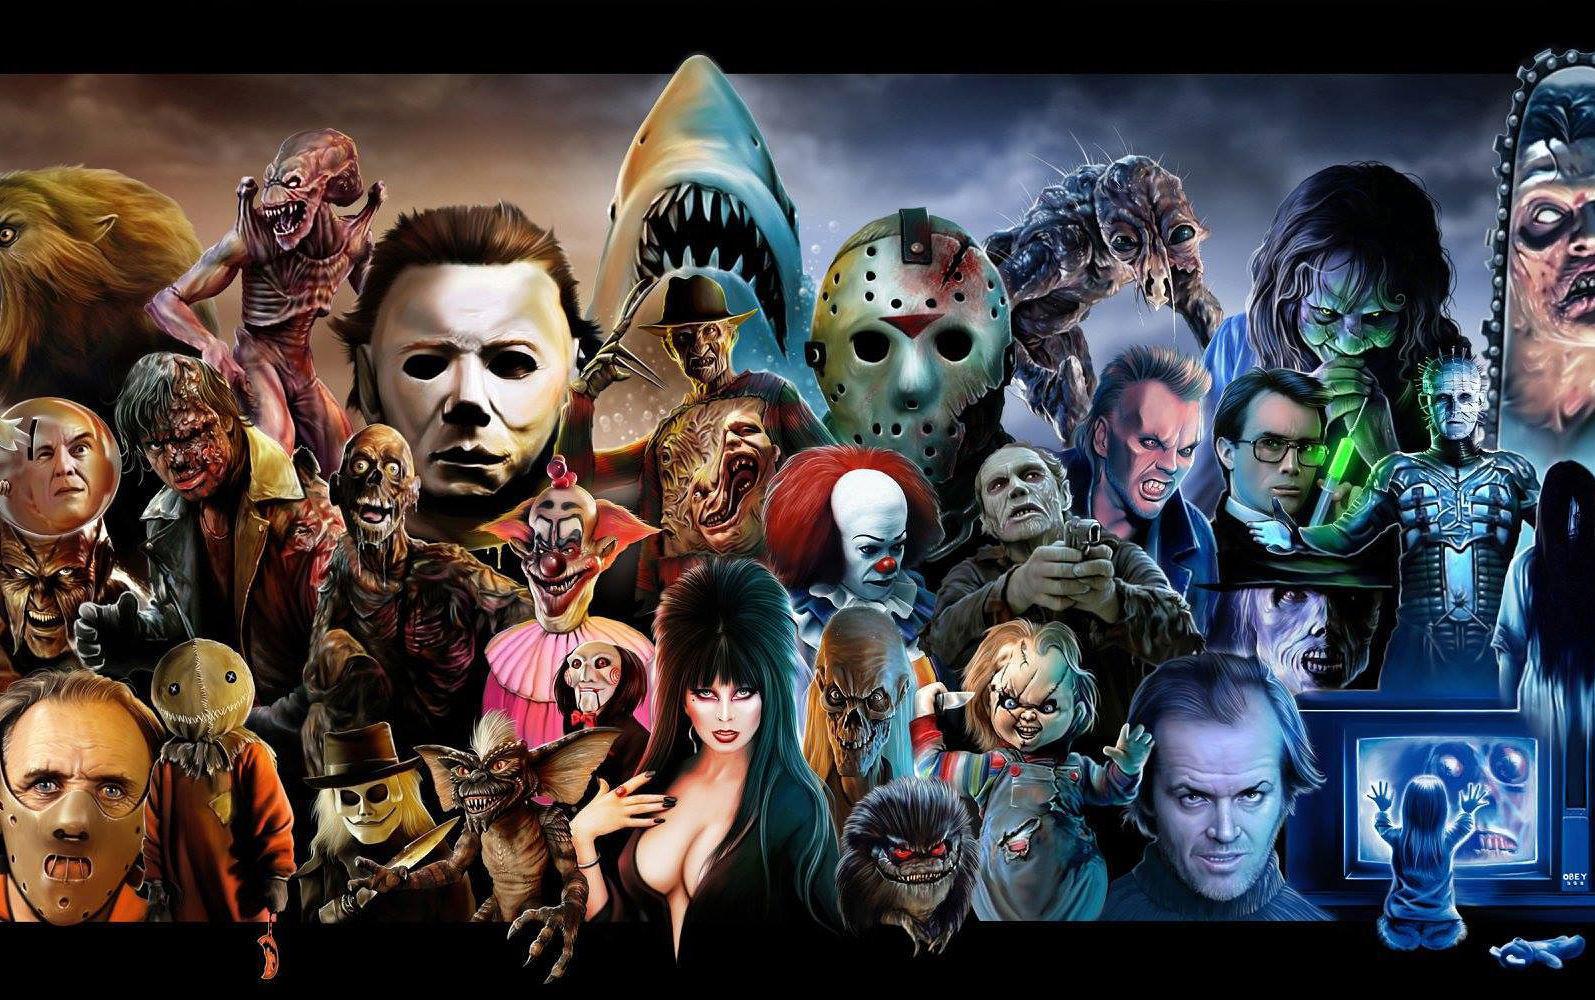 2031 - ¿Sobrevivirías en una película de miedo?